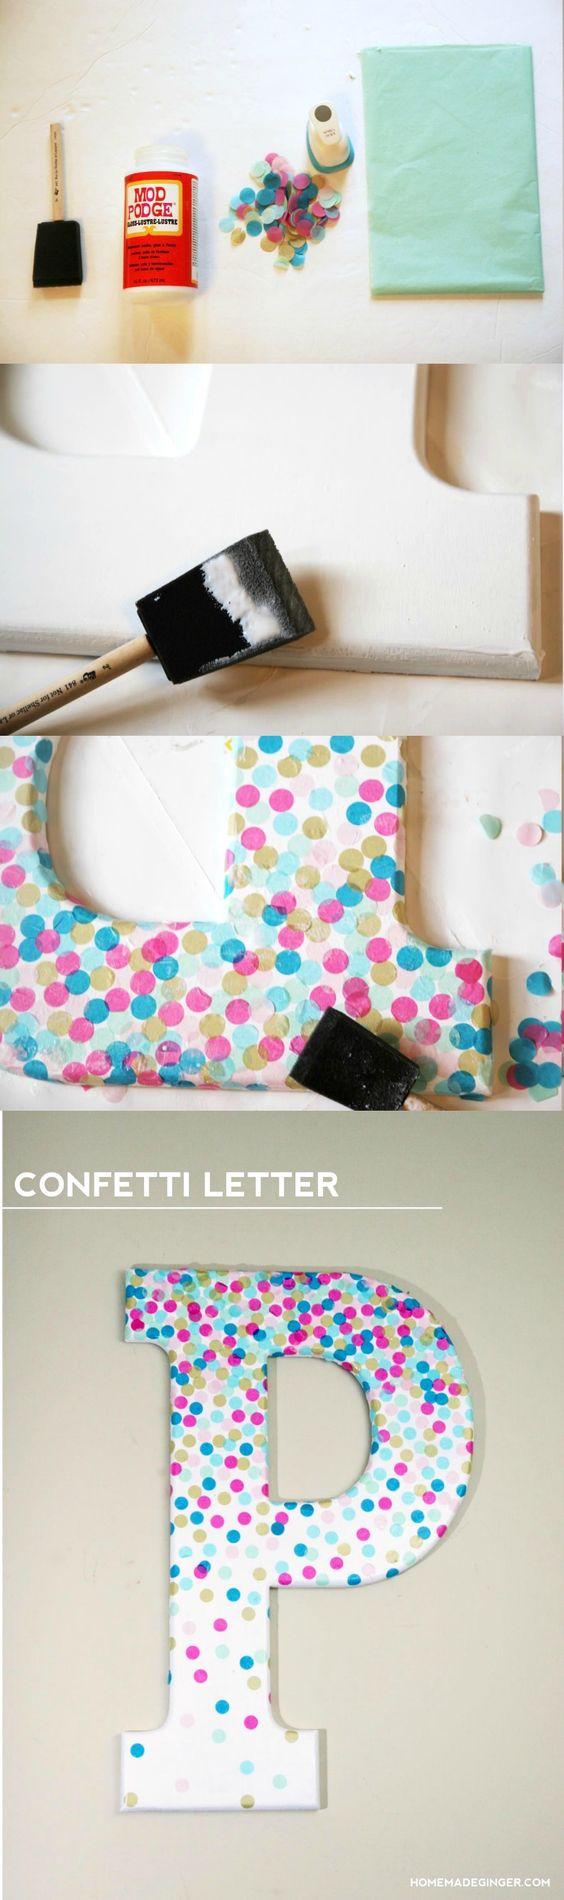 personalizar letras confetes